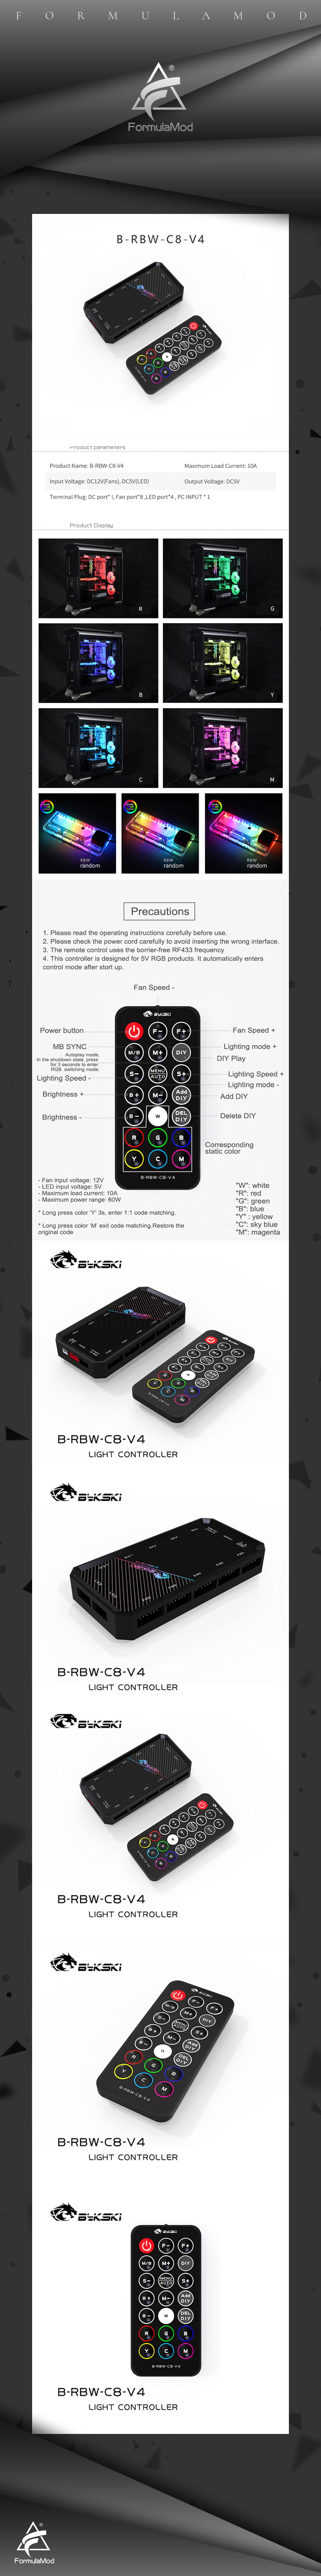 Bykski B-RBW-C8-V4 RBW(5v 3pin) Lighting Sync Controller For Bykski's RBW Lightings Synchronization To Motherboard